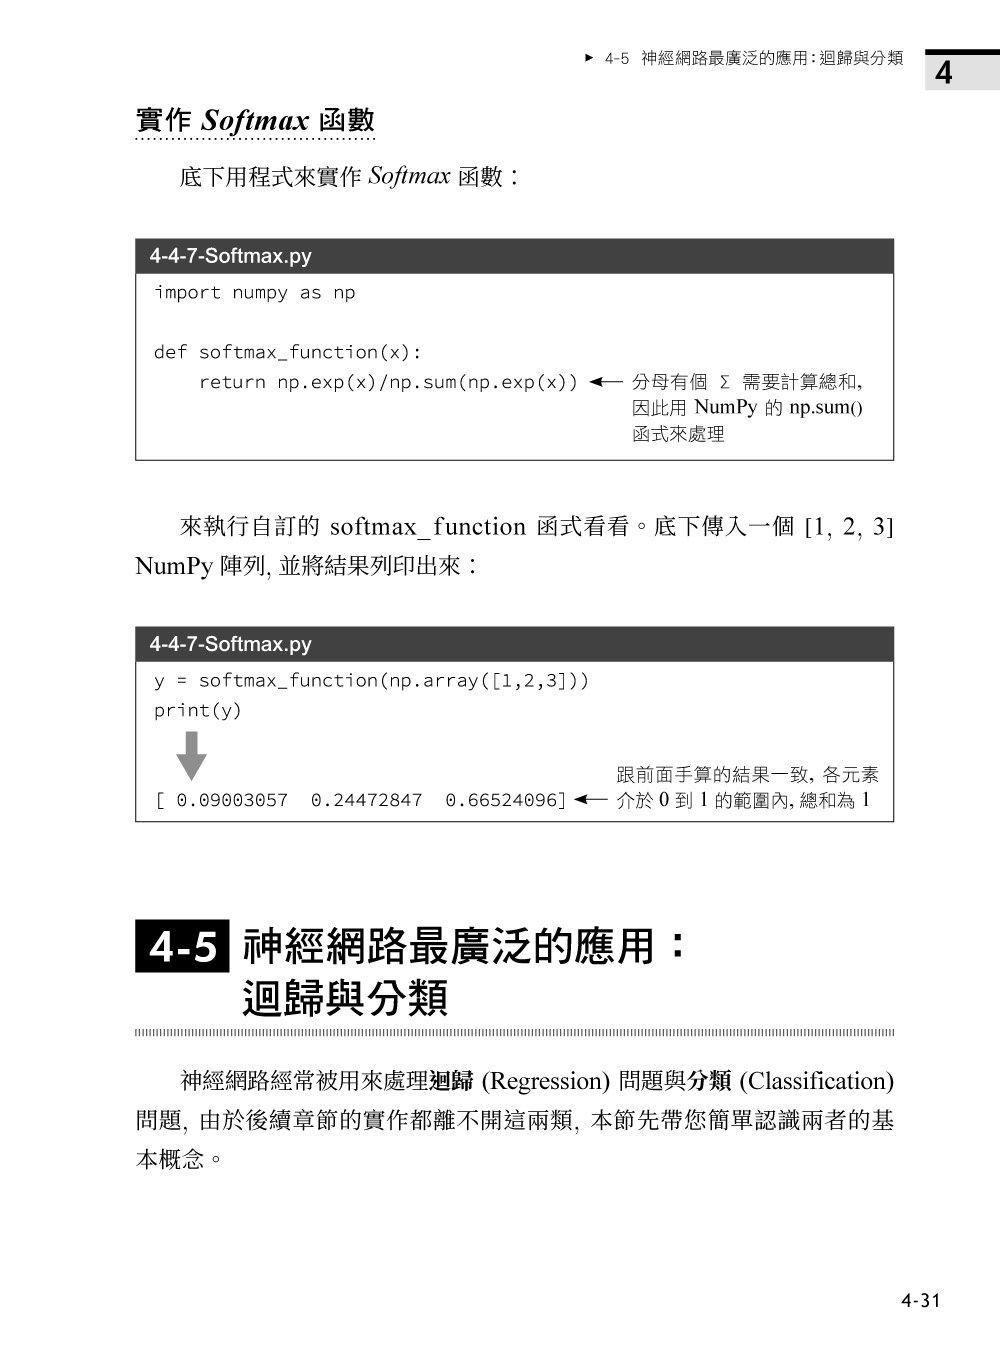 決心打底!Python 深度學習基礎養成-preview-4